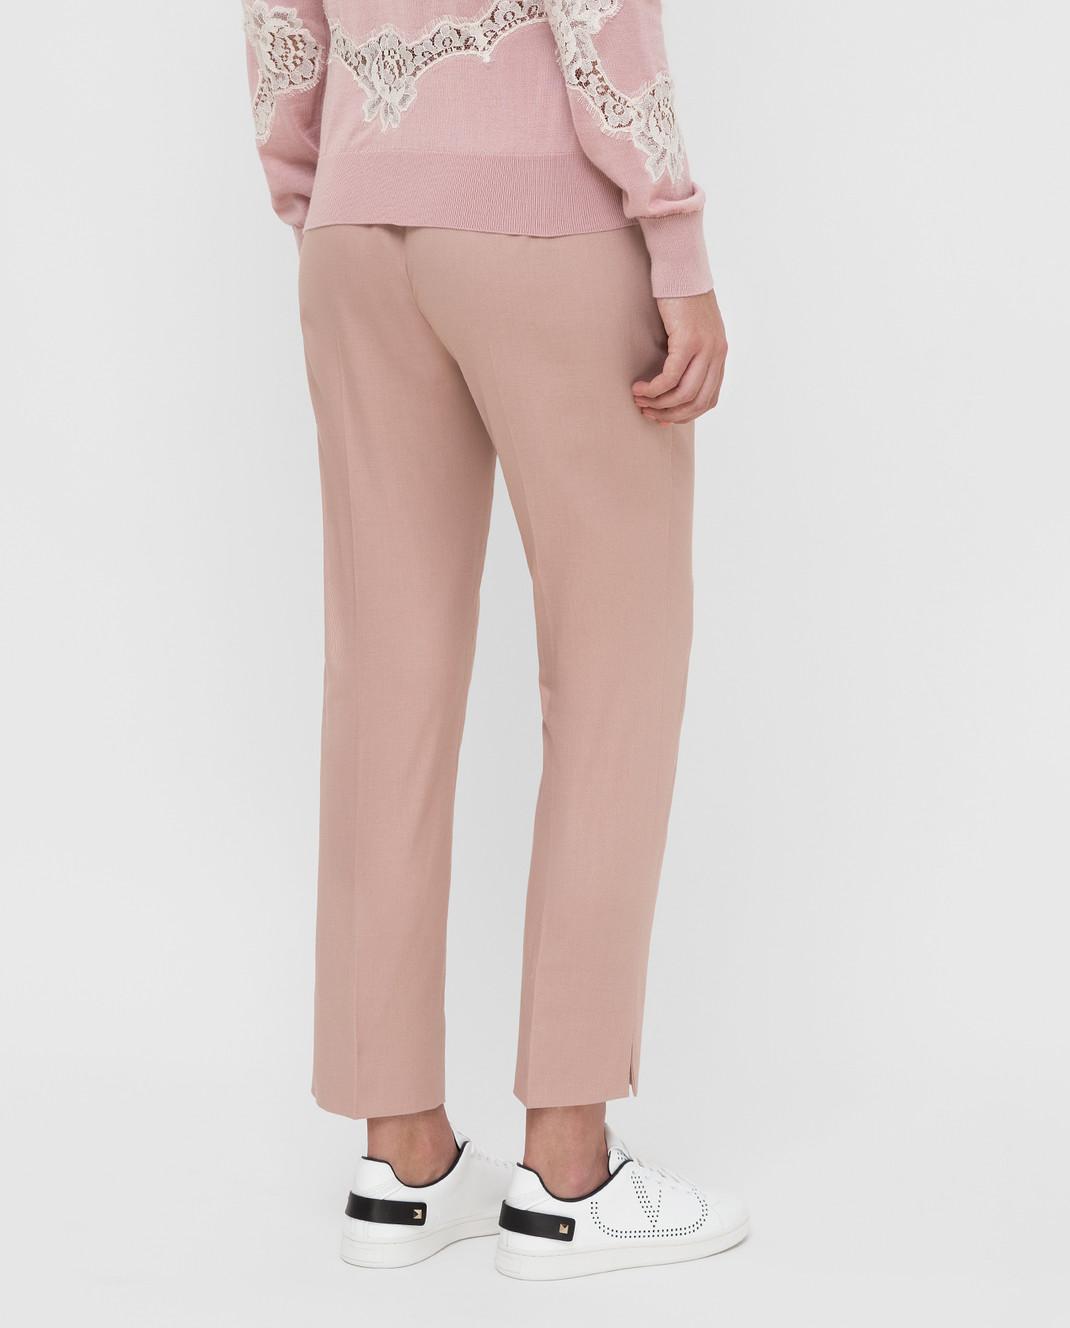 Dolce&Gabbana Розовые брюки FTAGNTFUFGD изображение 4